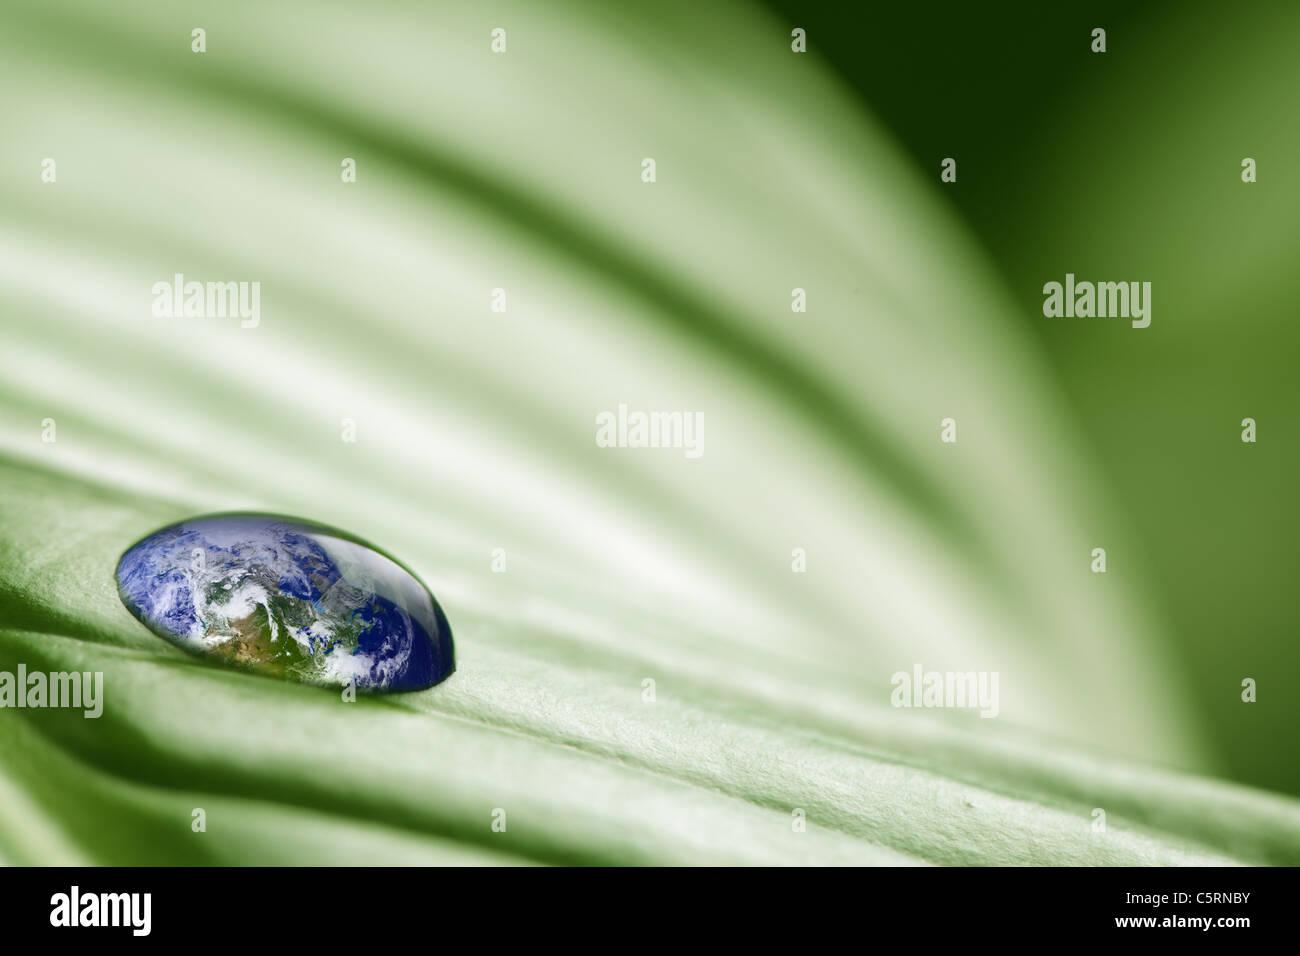 La planète Terre en goutte d'eau Photo Stock